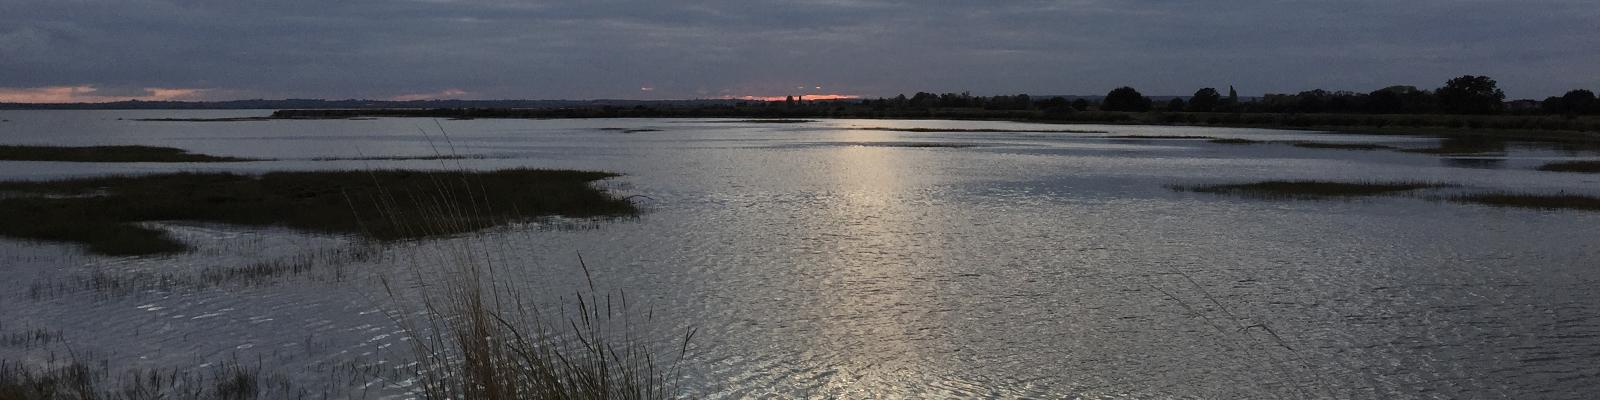 Tollesbury Parish Council, Your Council, Blackwater Estuary